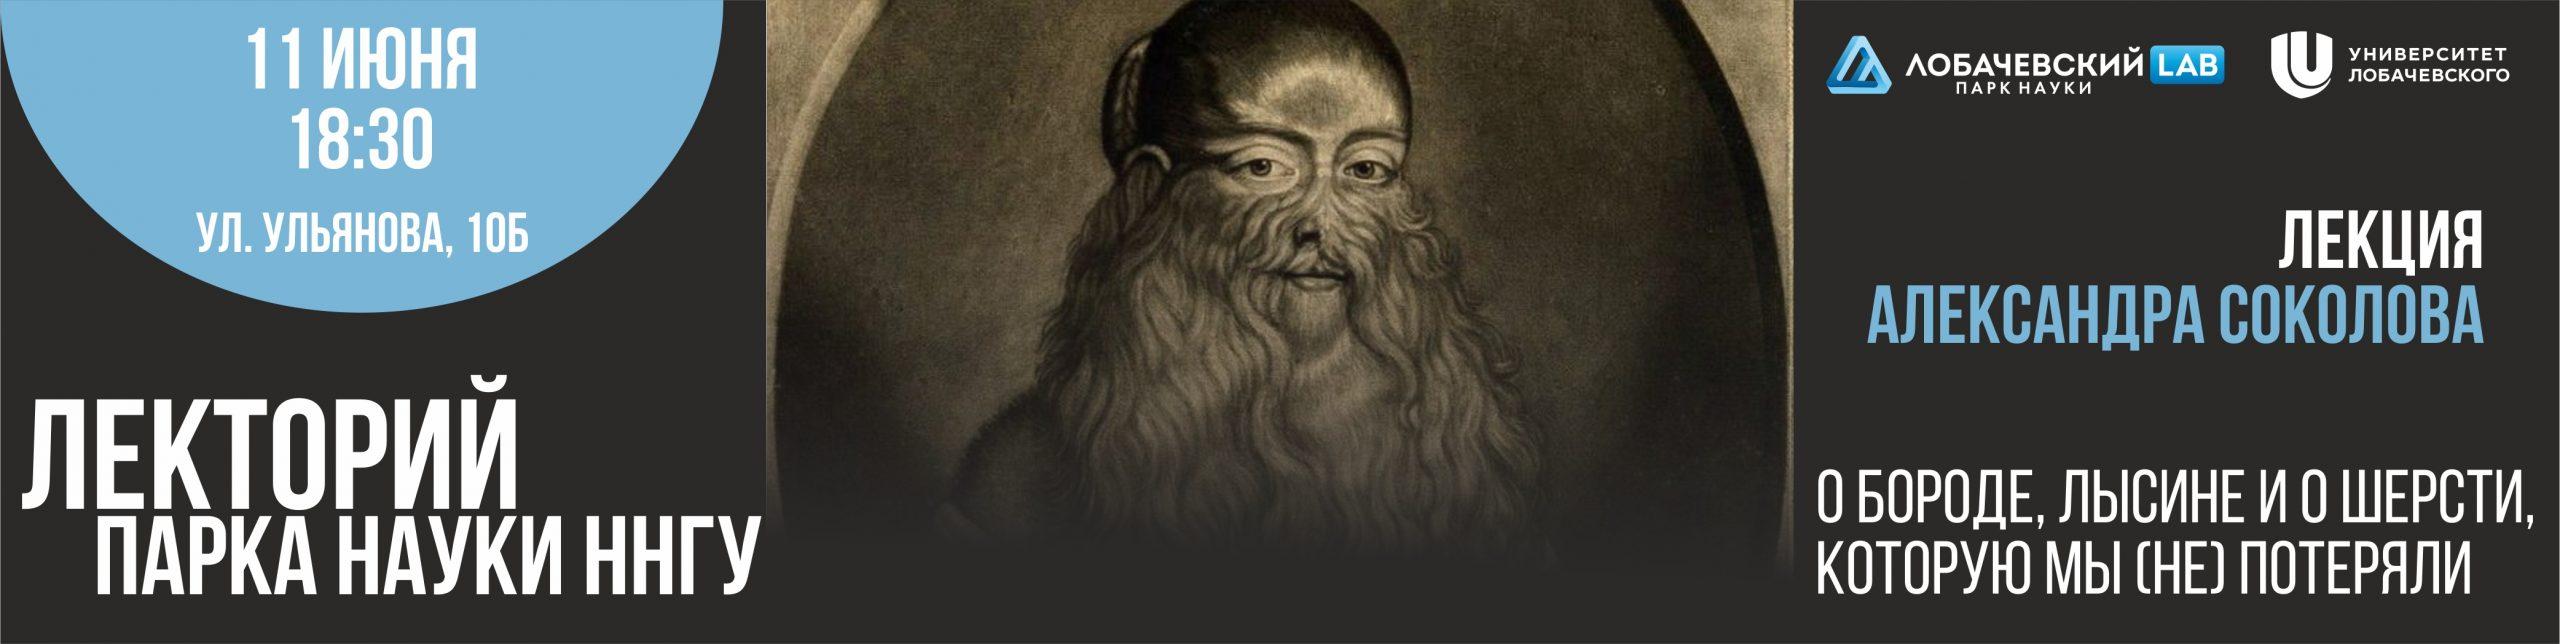 Лекция Александра Соколова «О бороде, лысине и о шерсти, которую мы (не) потеряли»